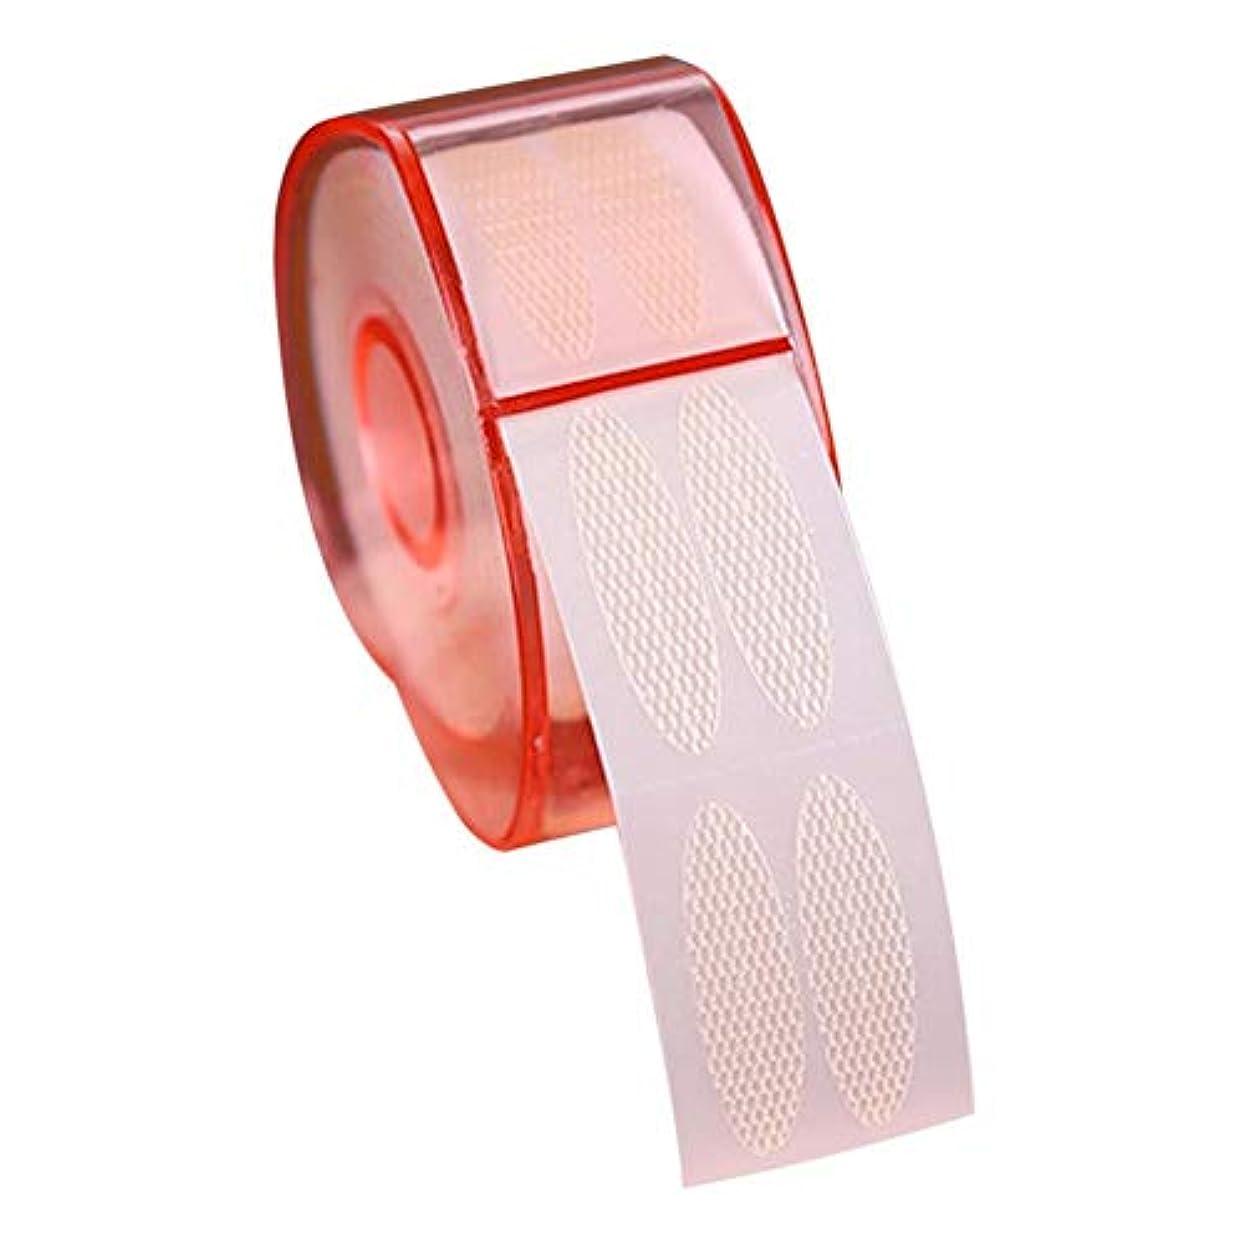 時代遅れ赤面ベットRagem 二重まぶたステッカー 二重まぶたテープ 見えない レース テープロール 通気性 防水 ナチュラル 魅力的 2タイプ